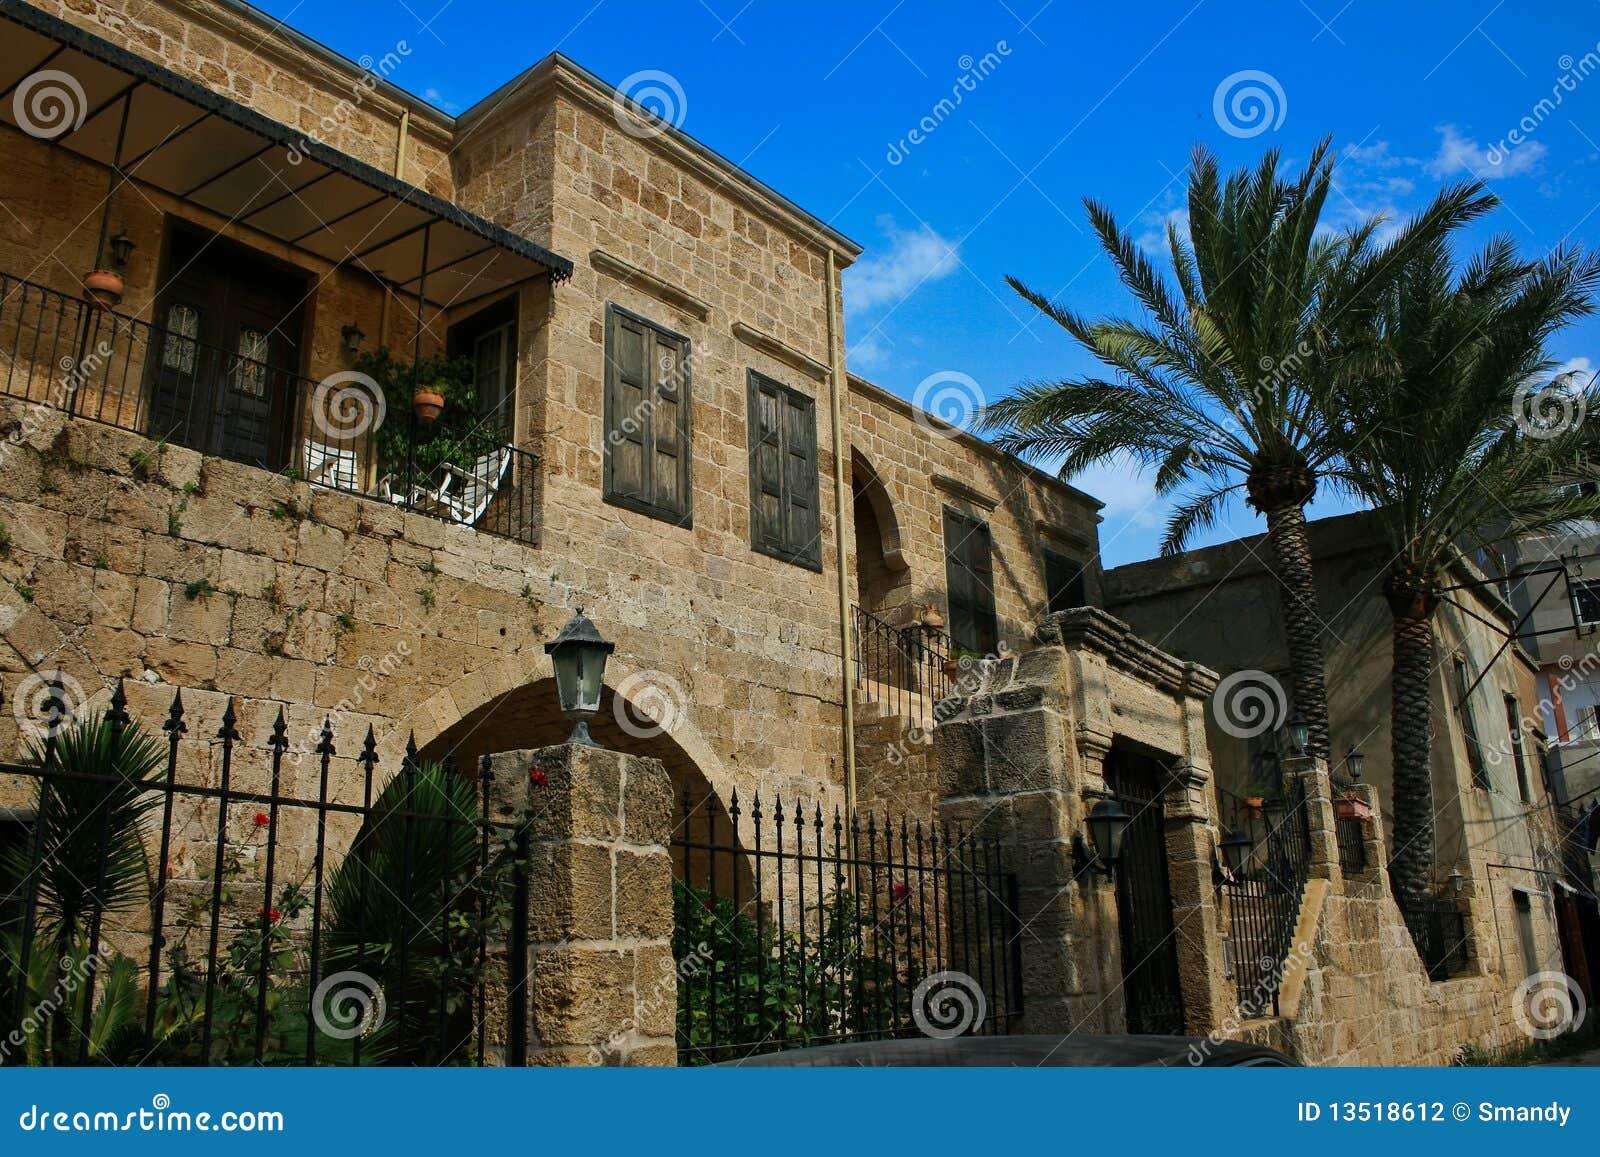 Casa di batroun architettura tradizionale libano for Case di architettura spagnola